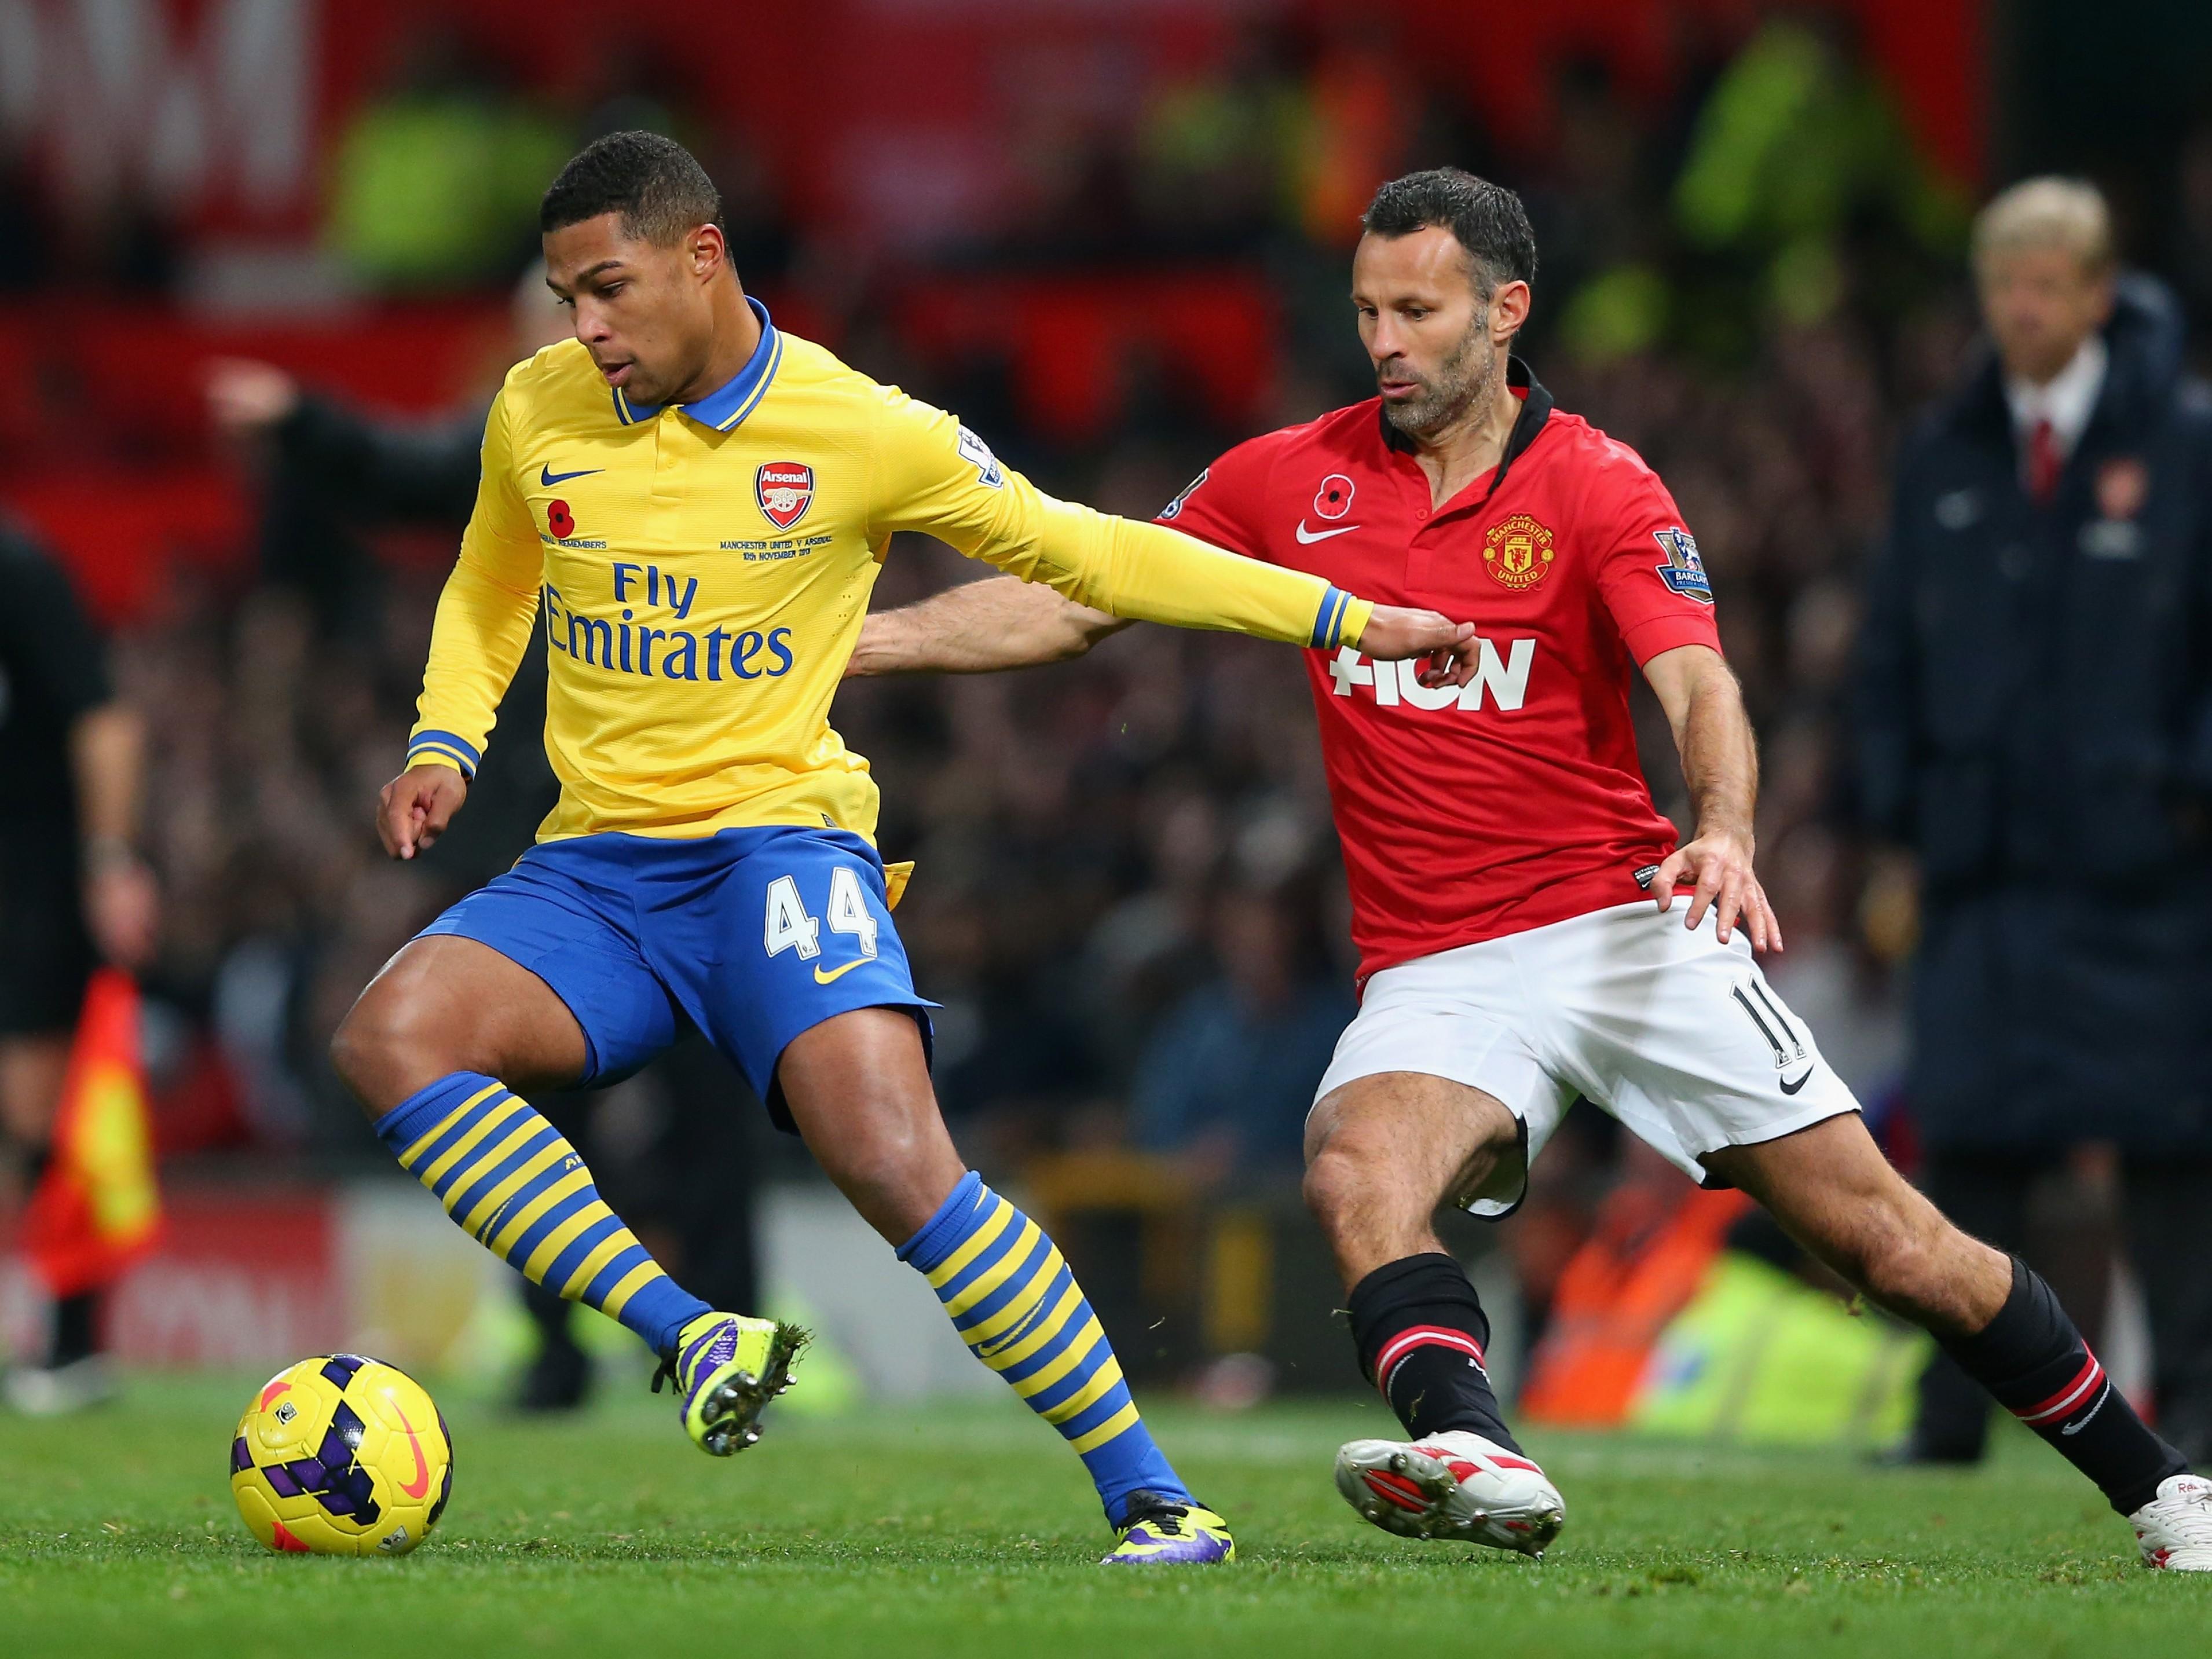 Manchester-United-v-Arsenal-Premier-League-1570894127.jpg